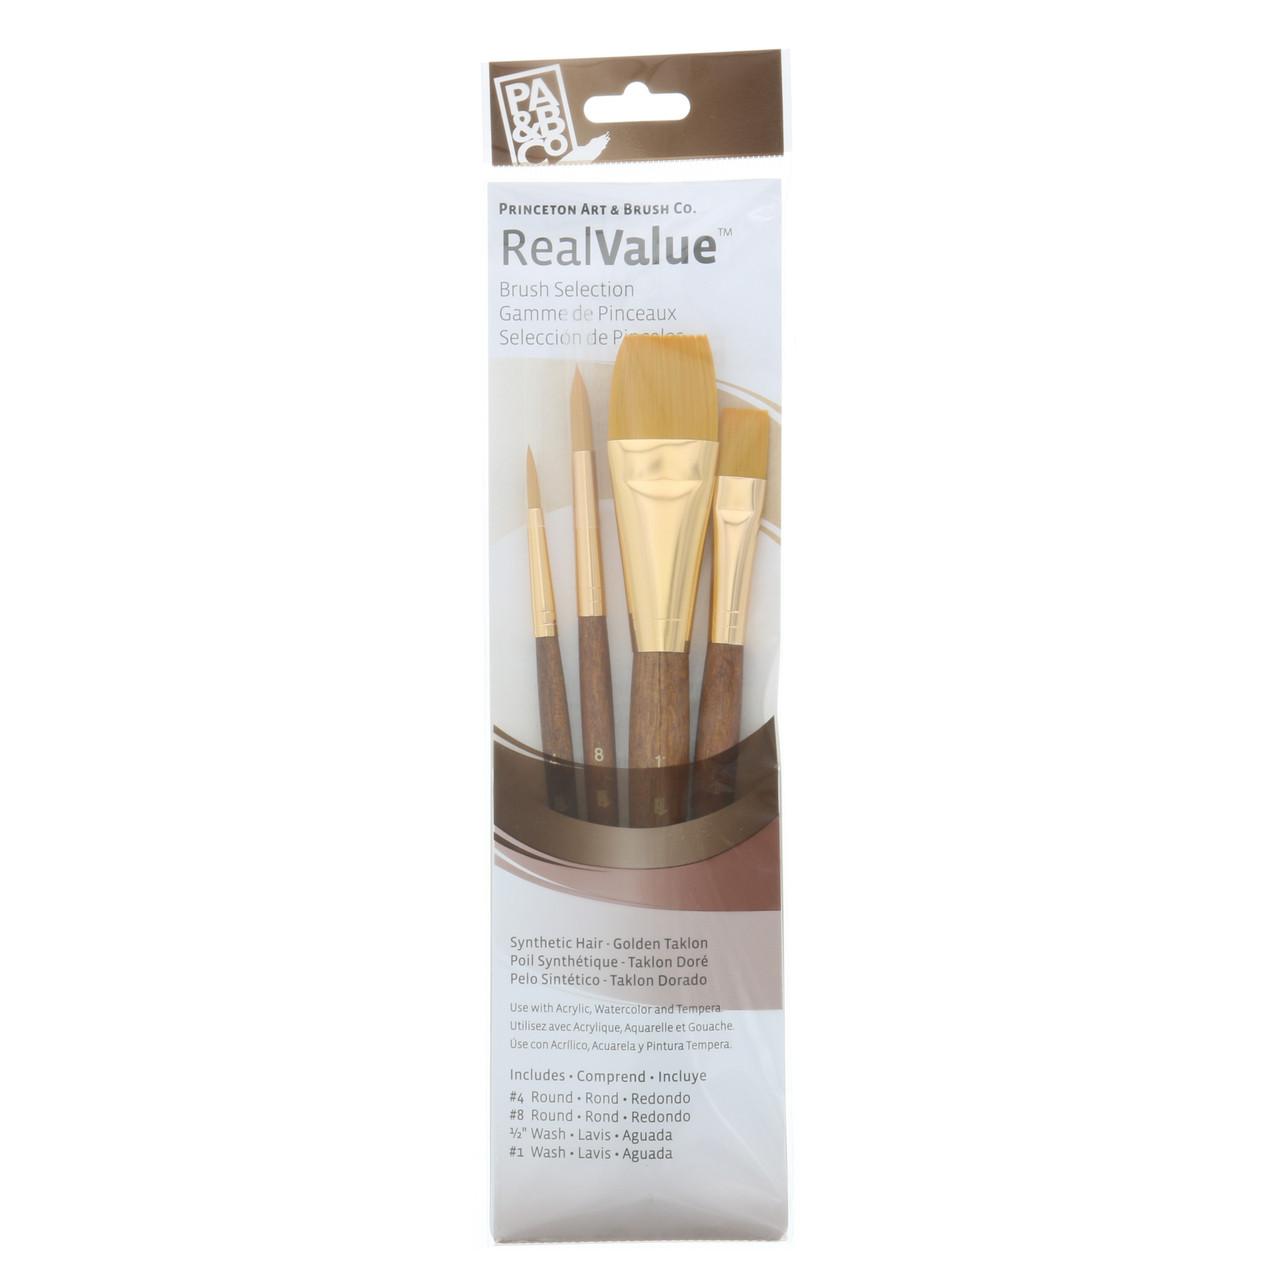 Synthetic Golden Taklon 4-Brush Set Round 4, 8, Wash 1/2, 1